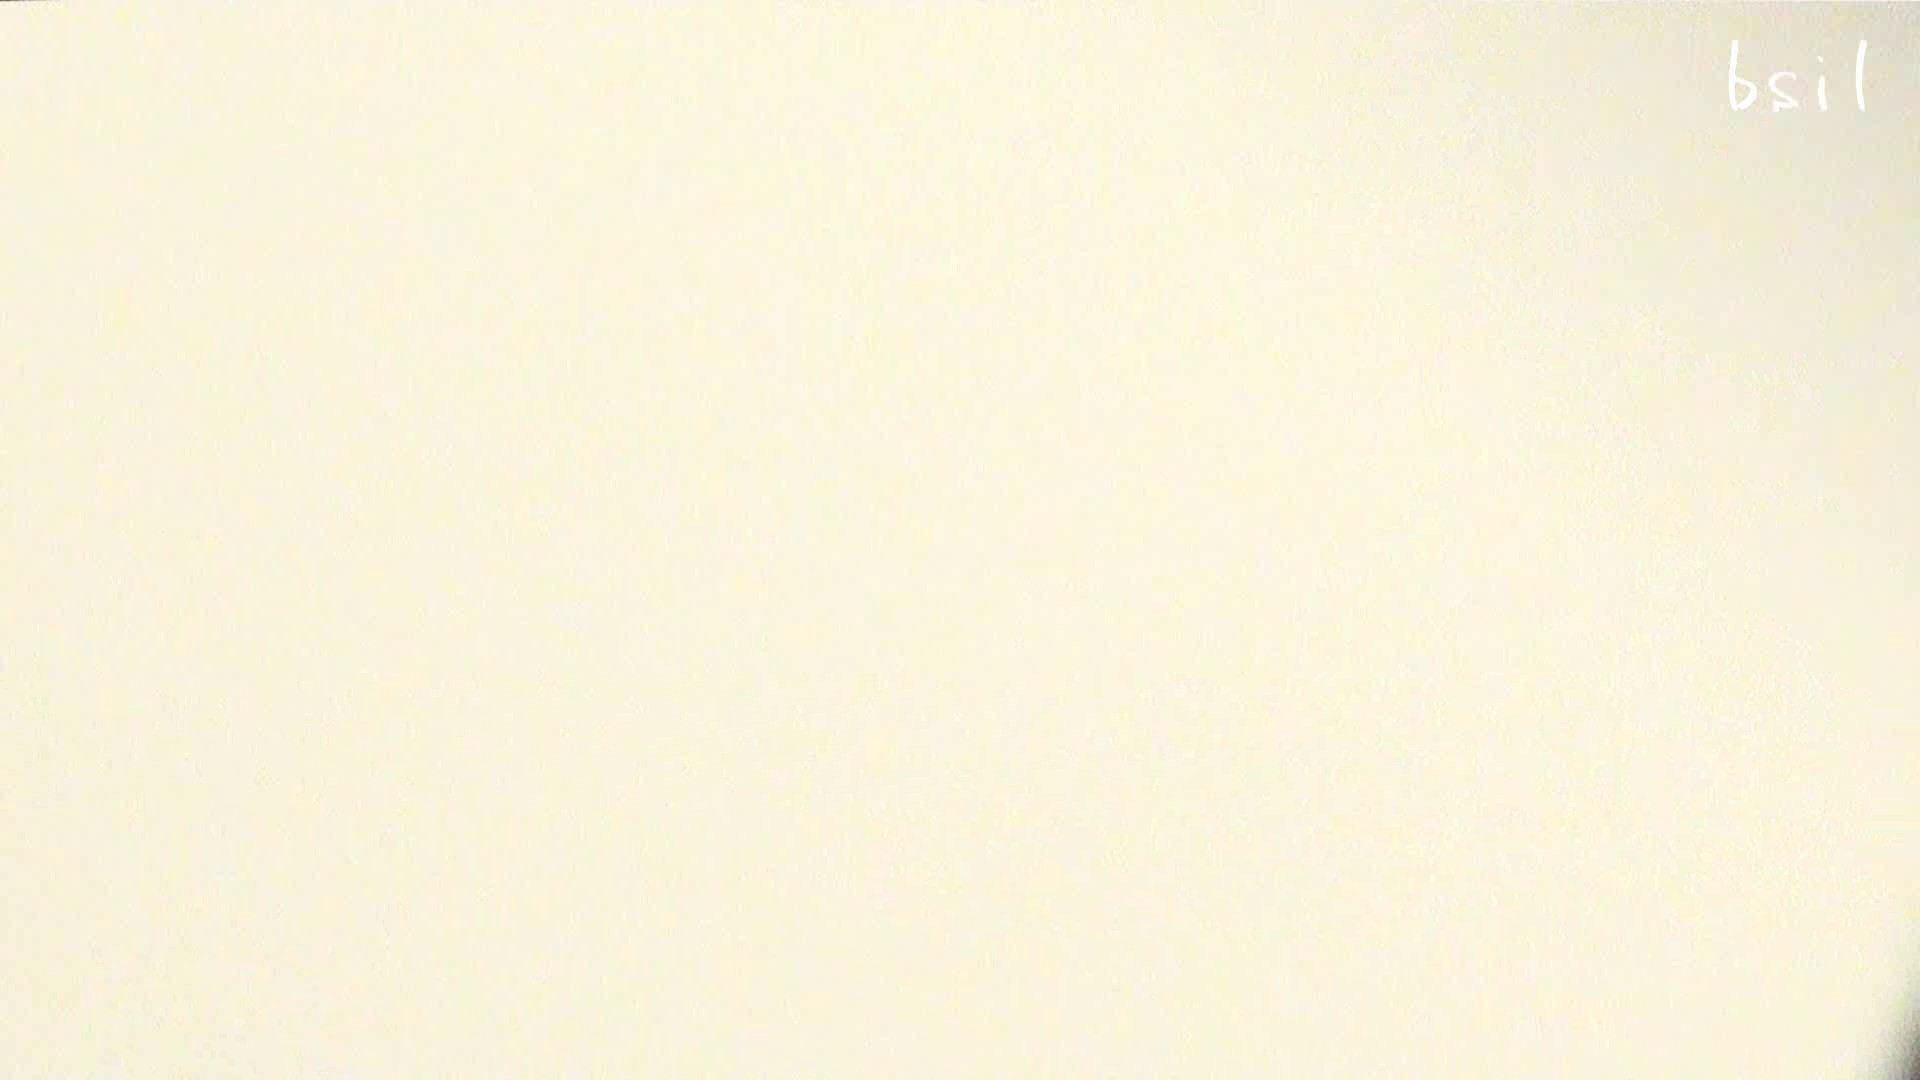 至高下半身盗撮-PREMIUM-【院内病棟編 】 vol.01 盗撮特集   エロティックなOL  64画像 33